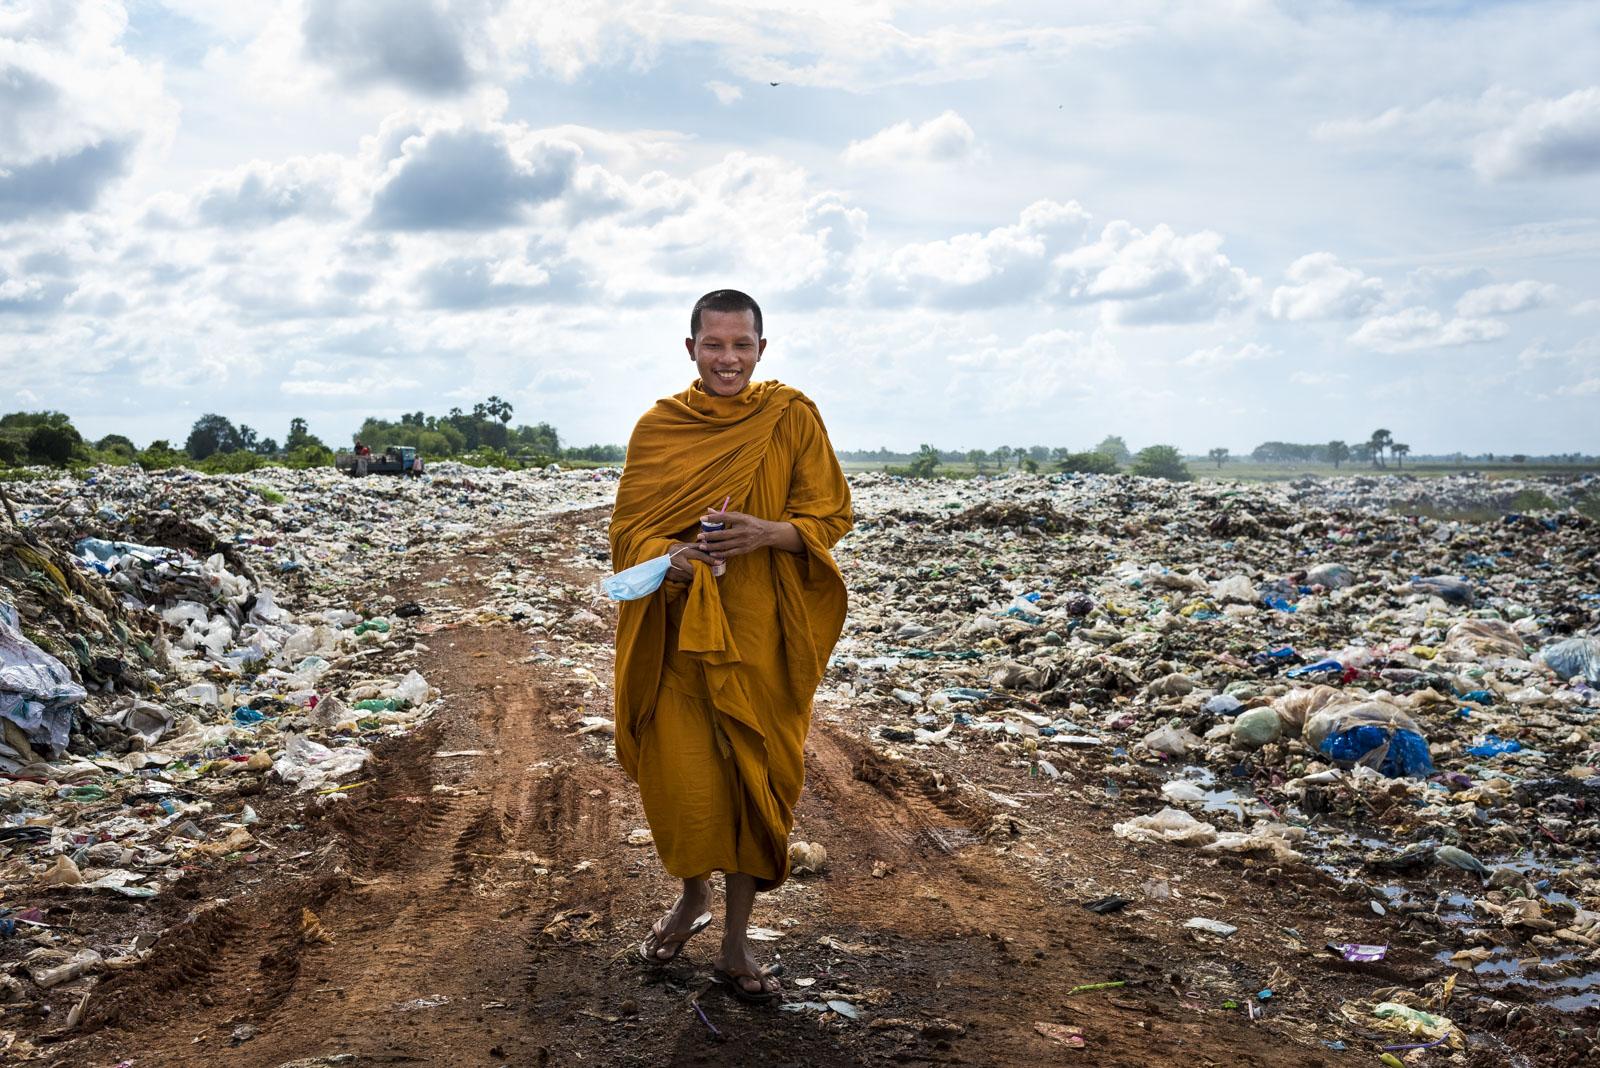 Mönch, ehemaliger Müllsammler